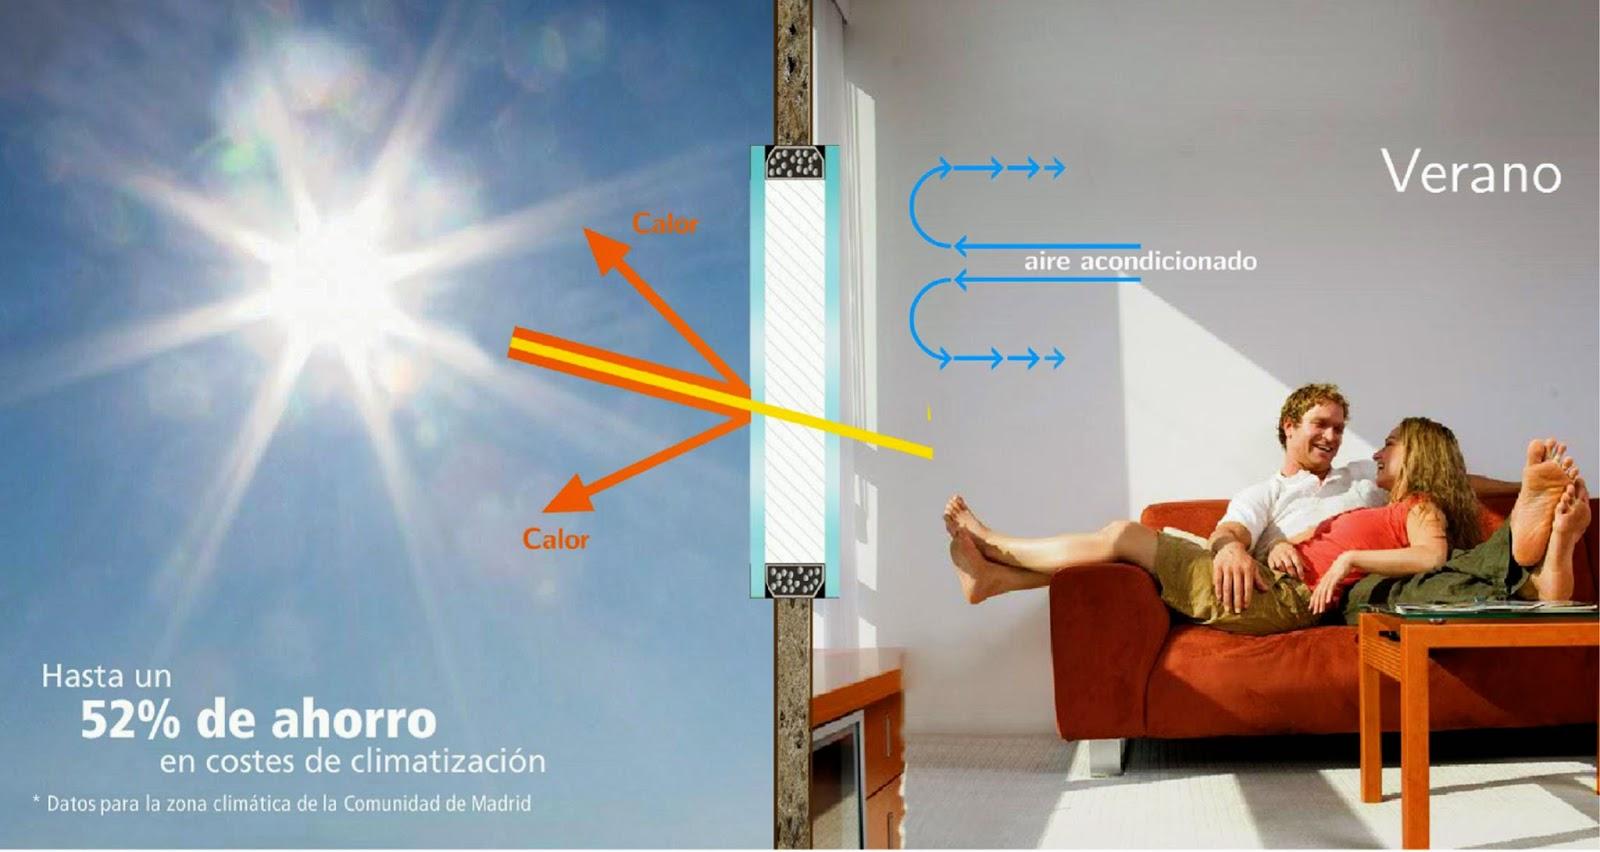 The+guardian+sun+-+verano